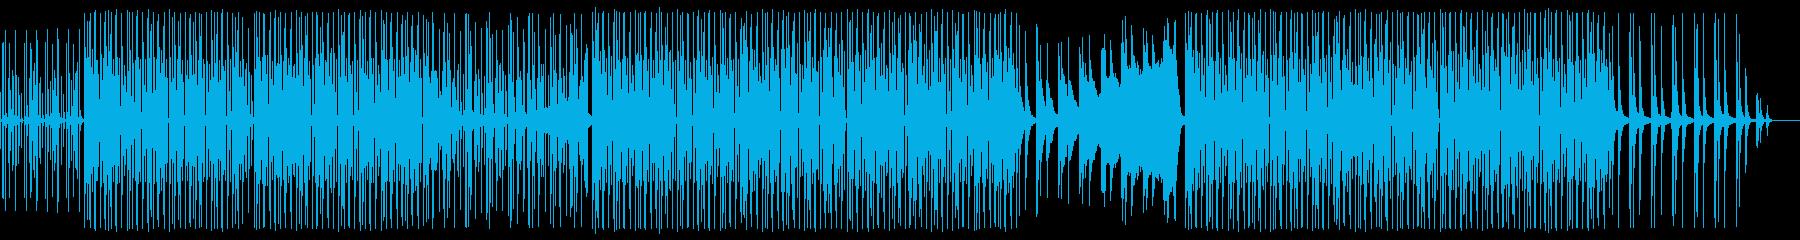 アパレルブランドの映像/ランウェイBGMの再生済みの波形